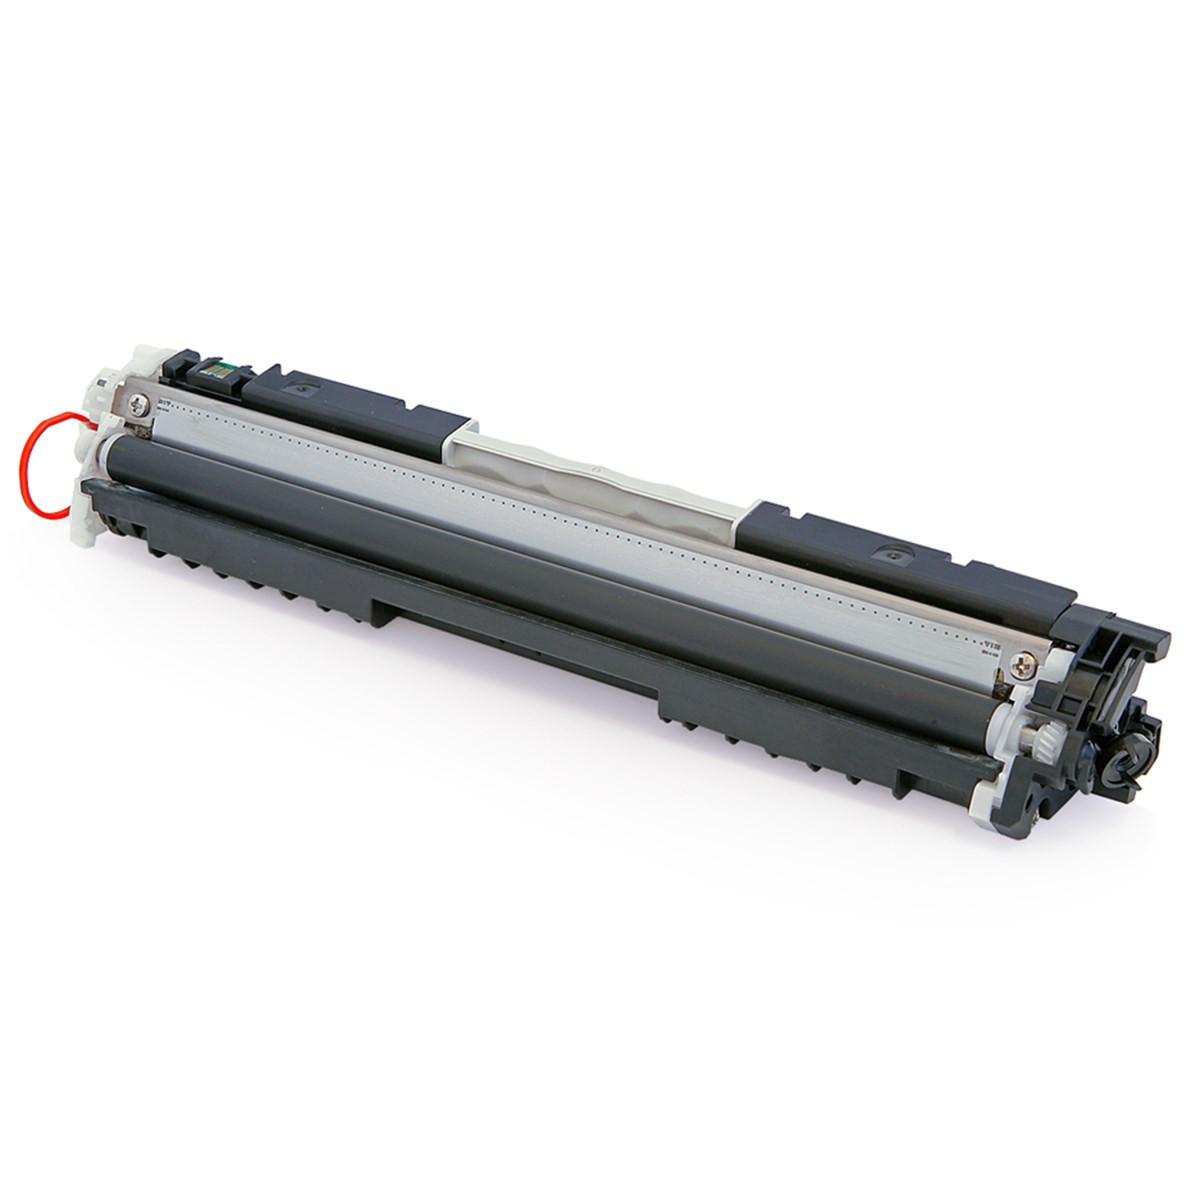 Toner Compatível com HP CE313A 313A Magenta | CP1020 1020WN CP1025 M175 M175A | Premium Quality 1k